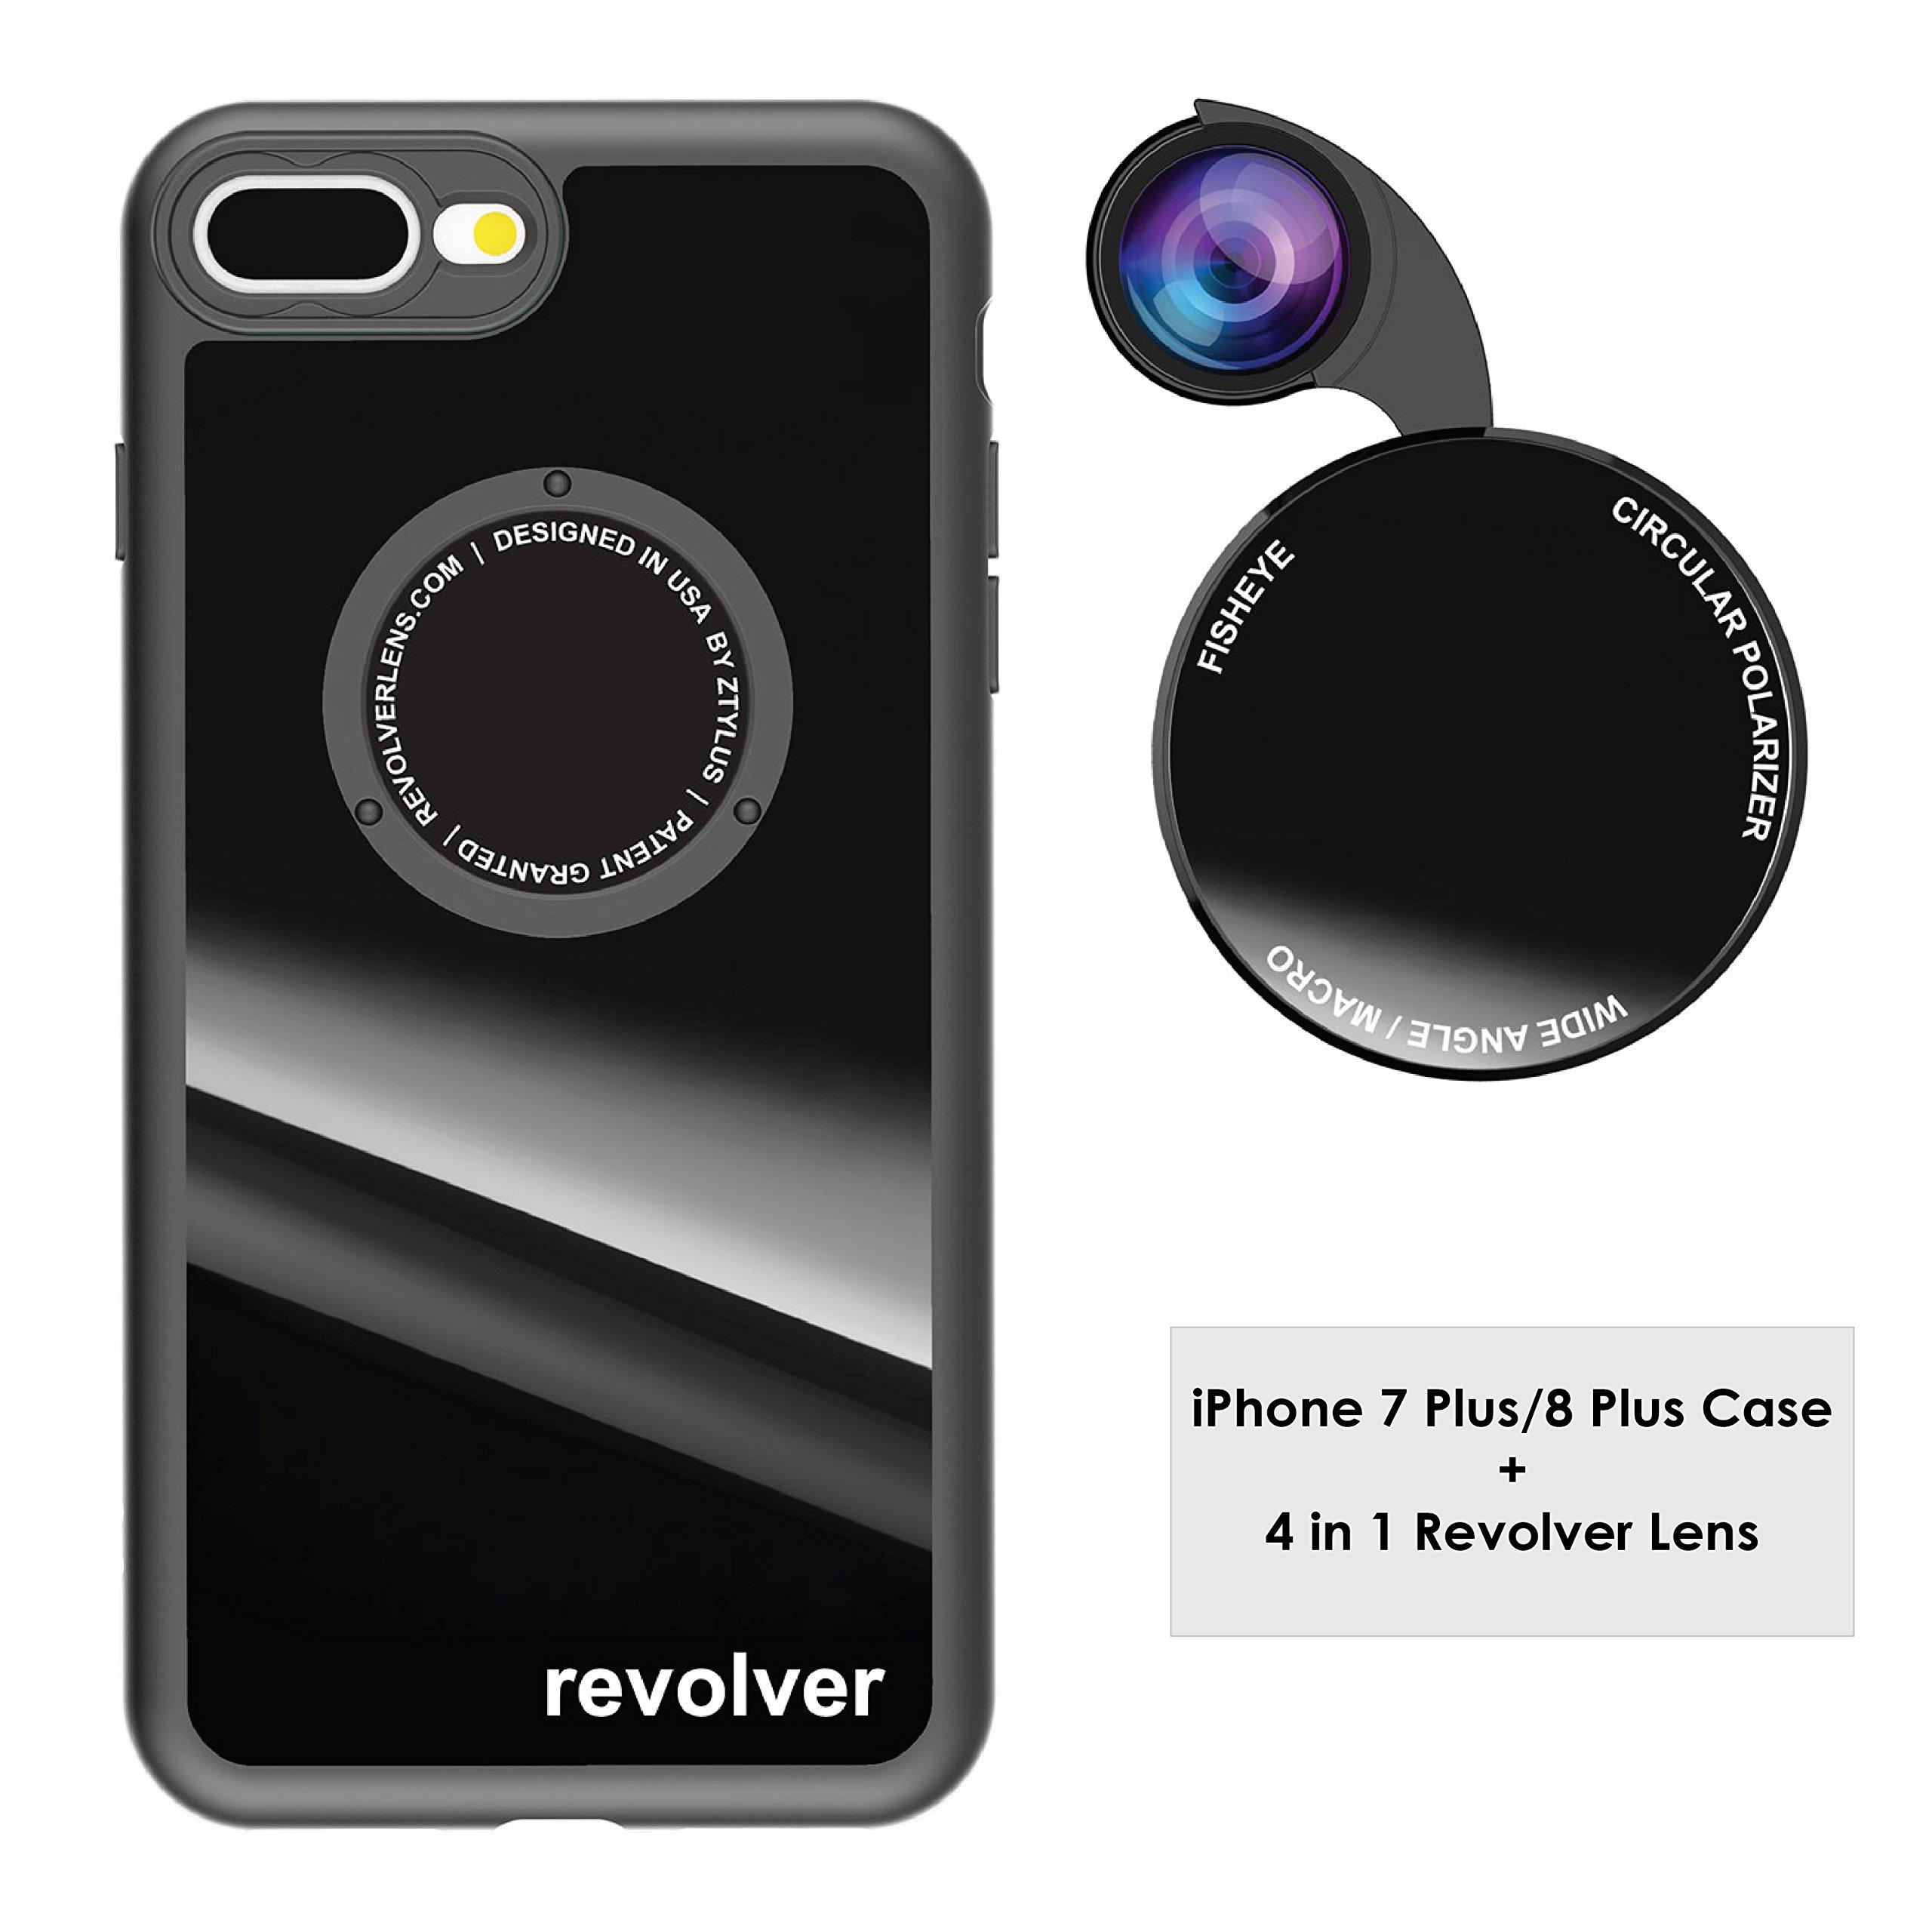 Funda y 4  Lentes Ztylus Revolver p/ iPhone 7/8 Plus - Black